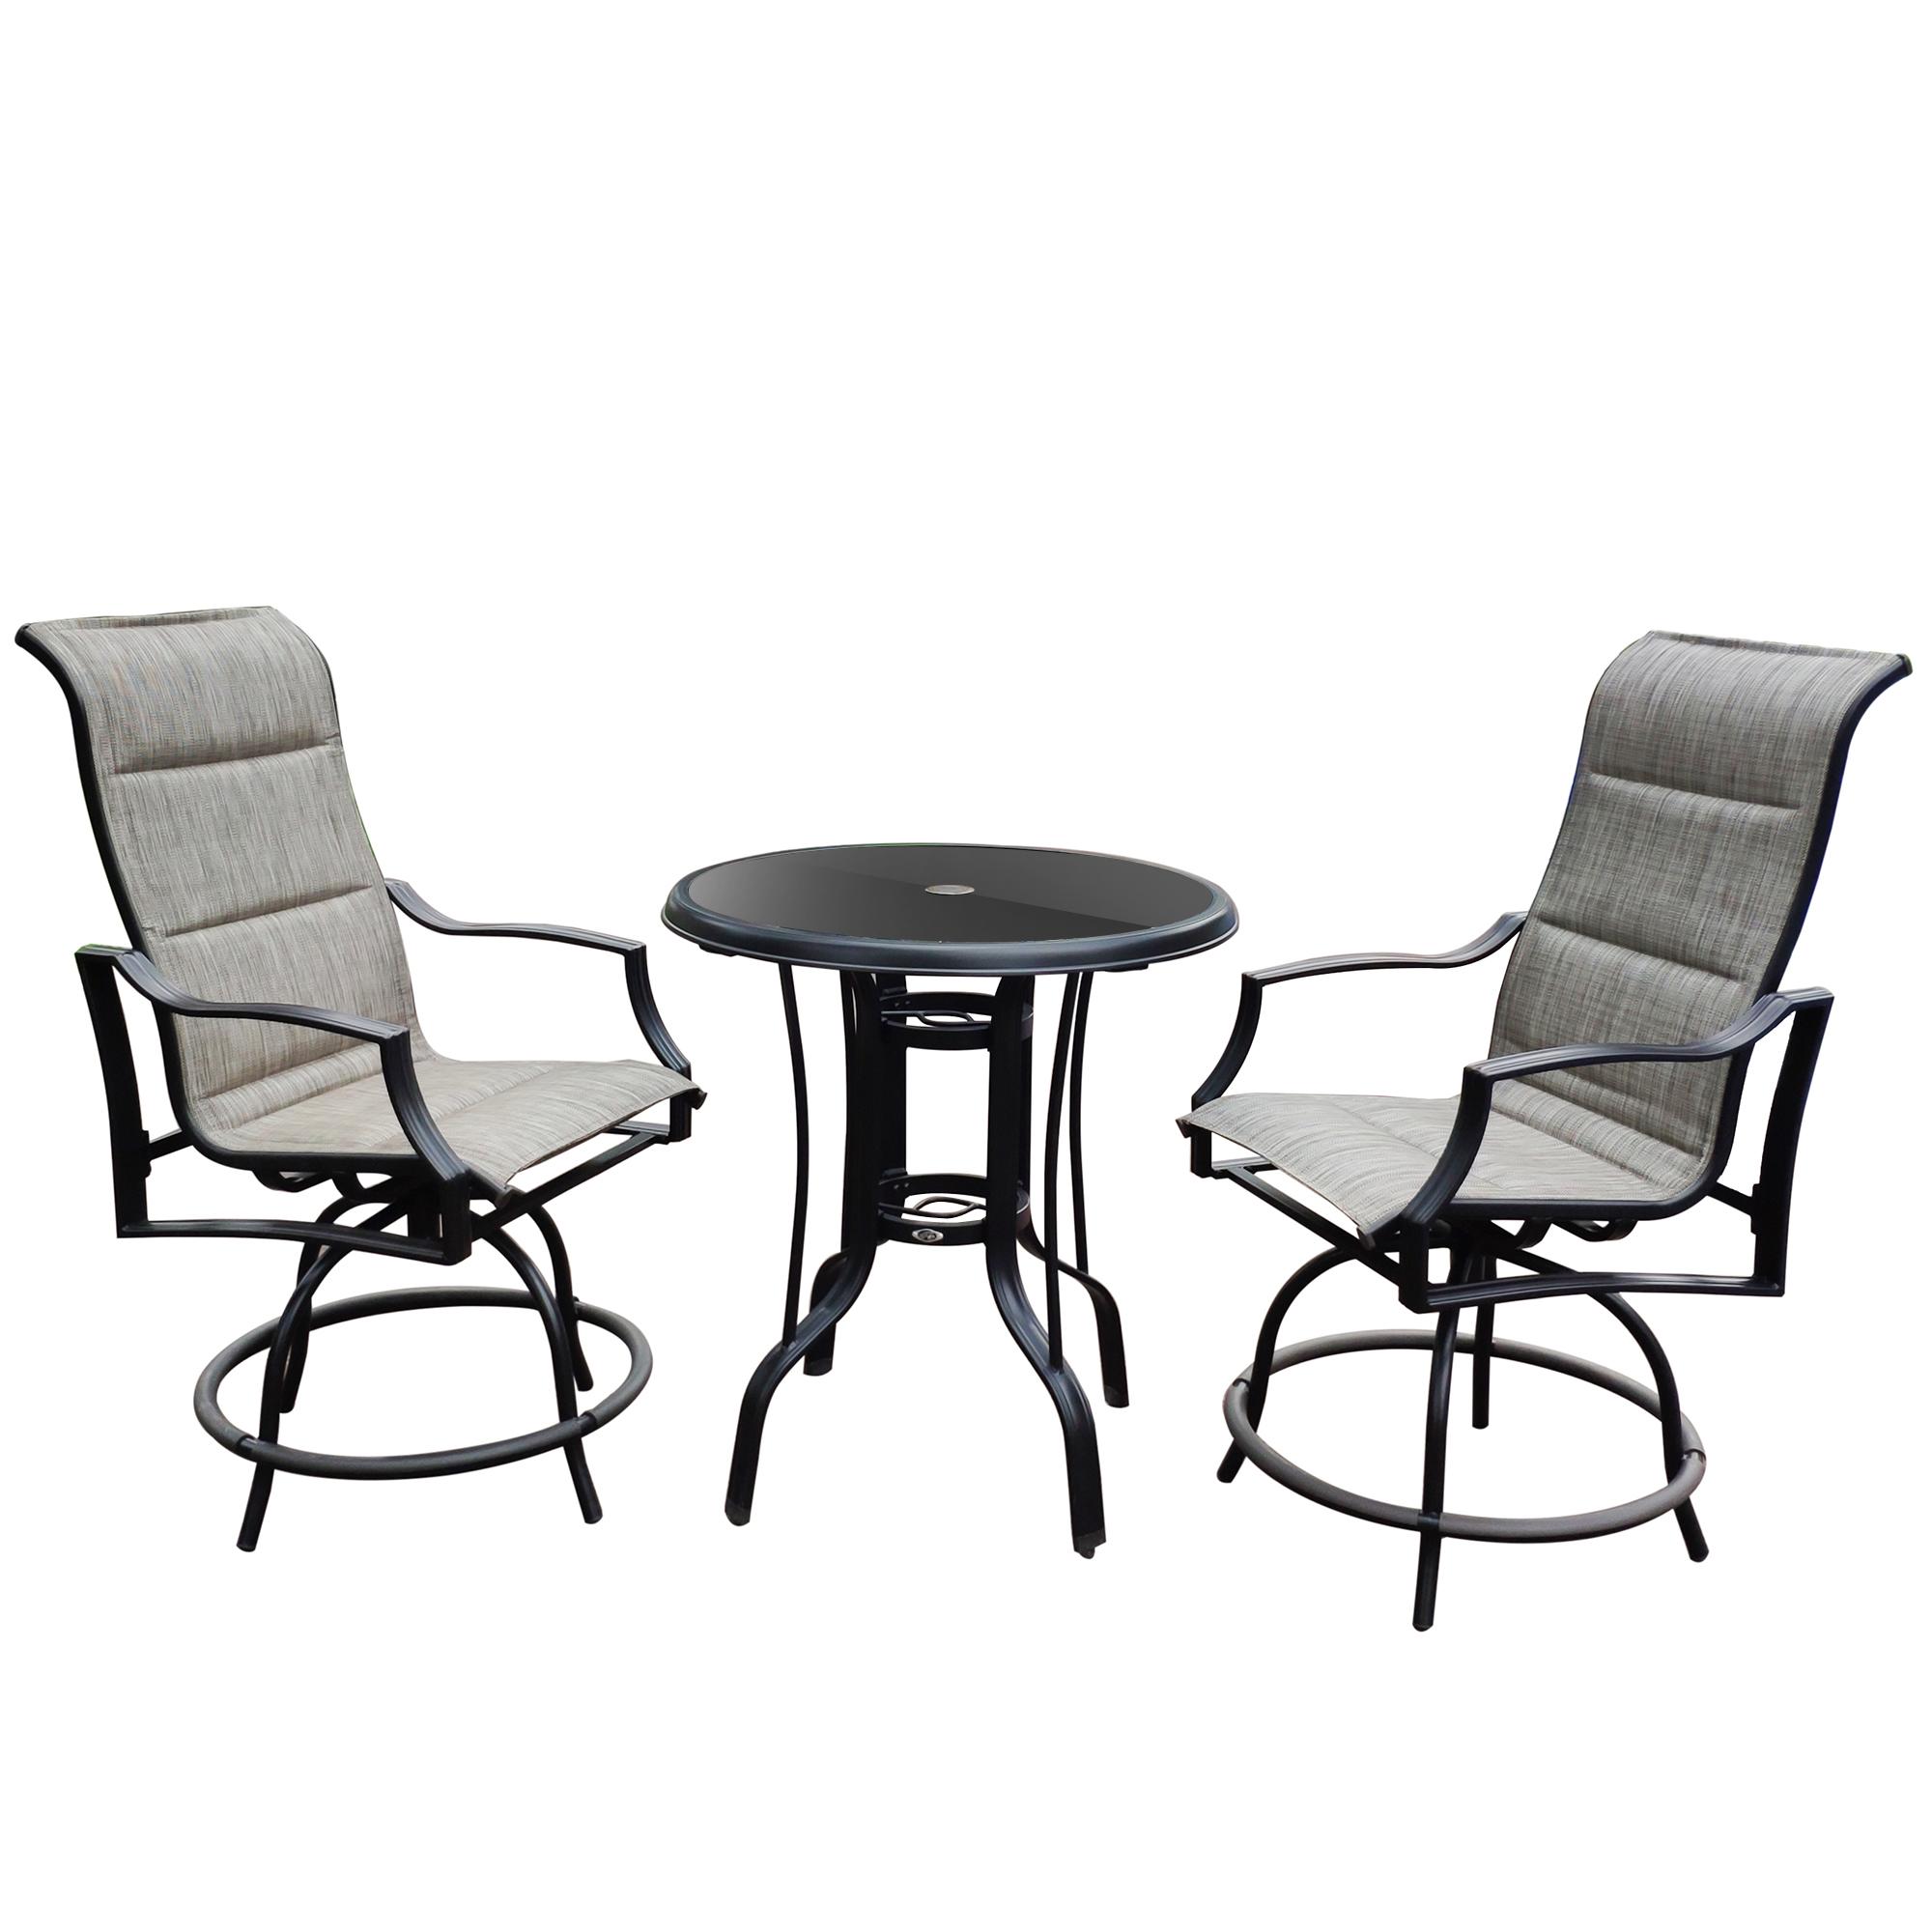 三件户外家具露台旋转吧台套装一张桌子/两张椅子